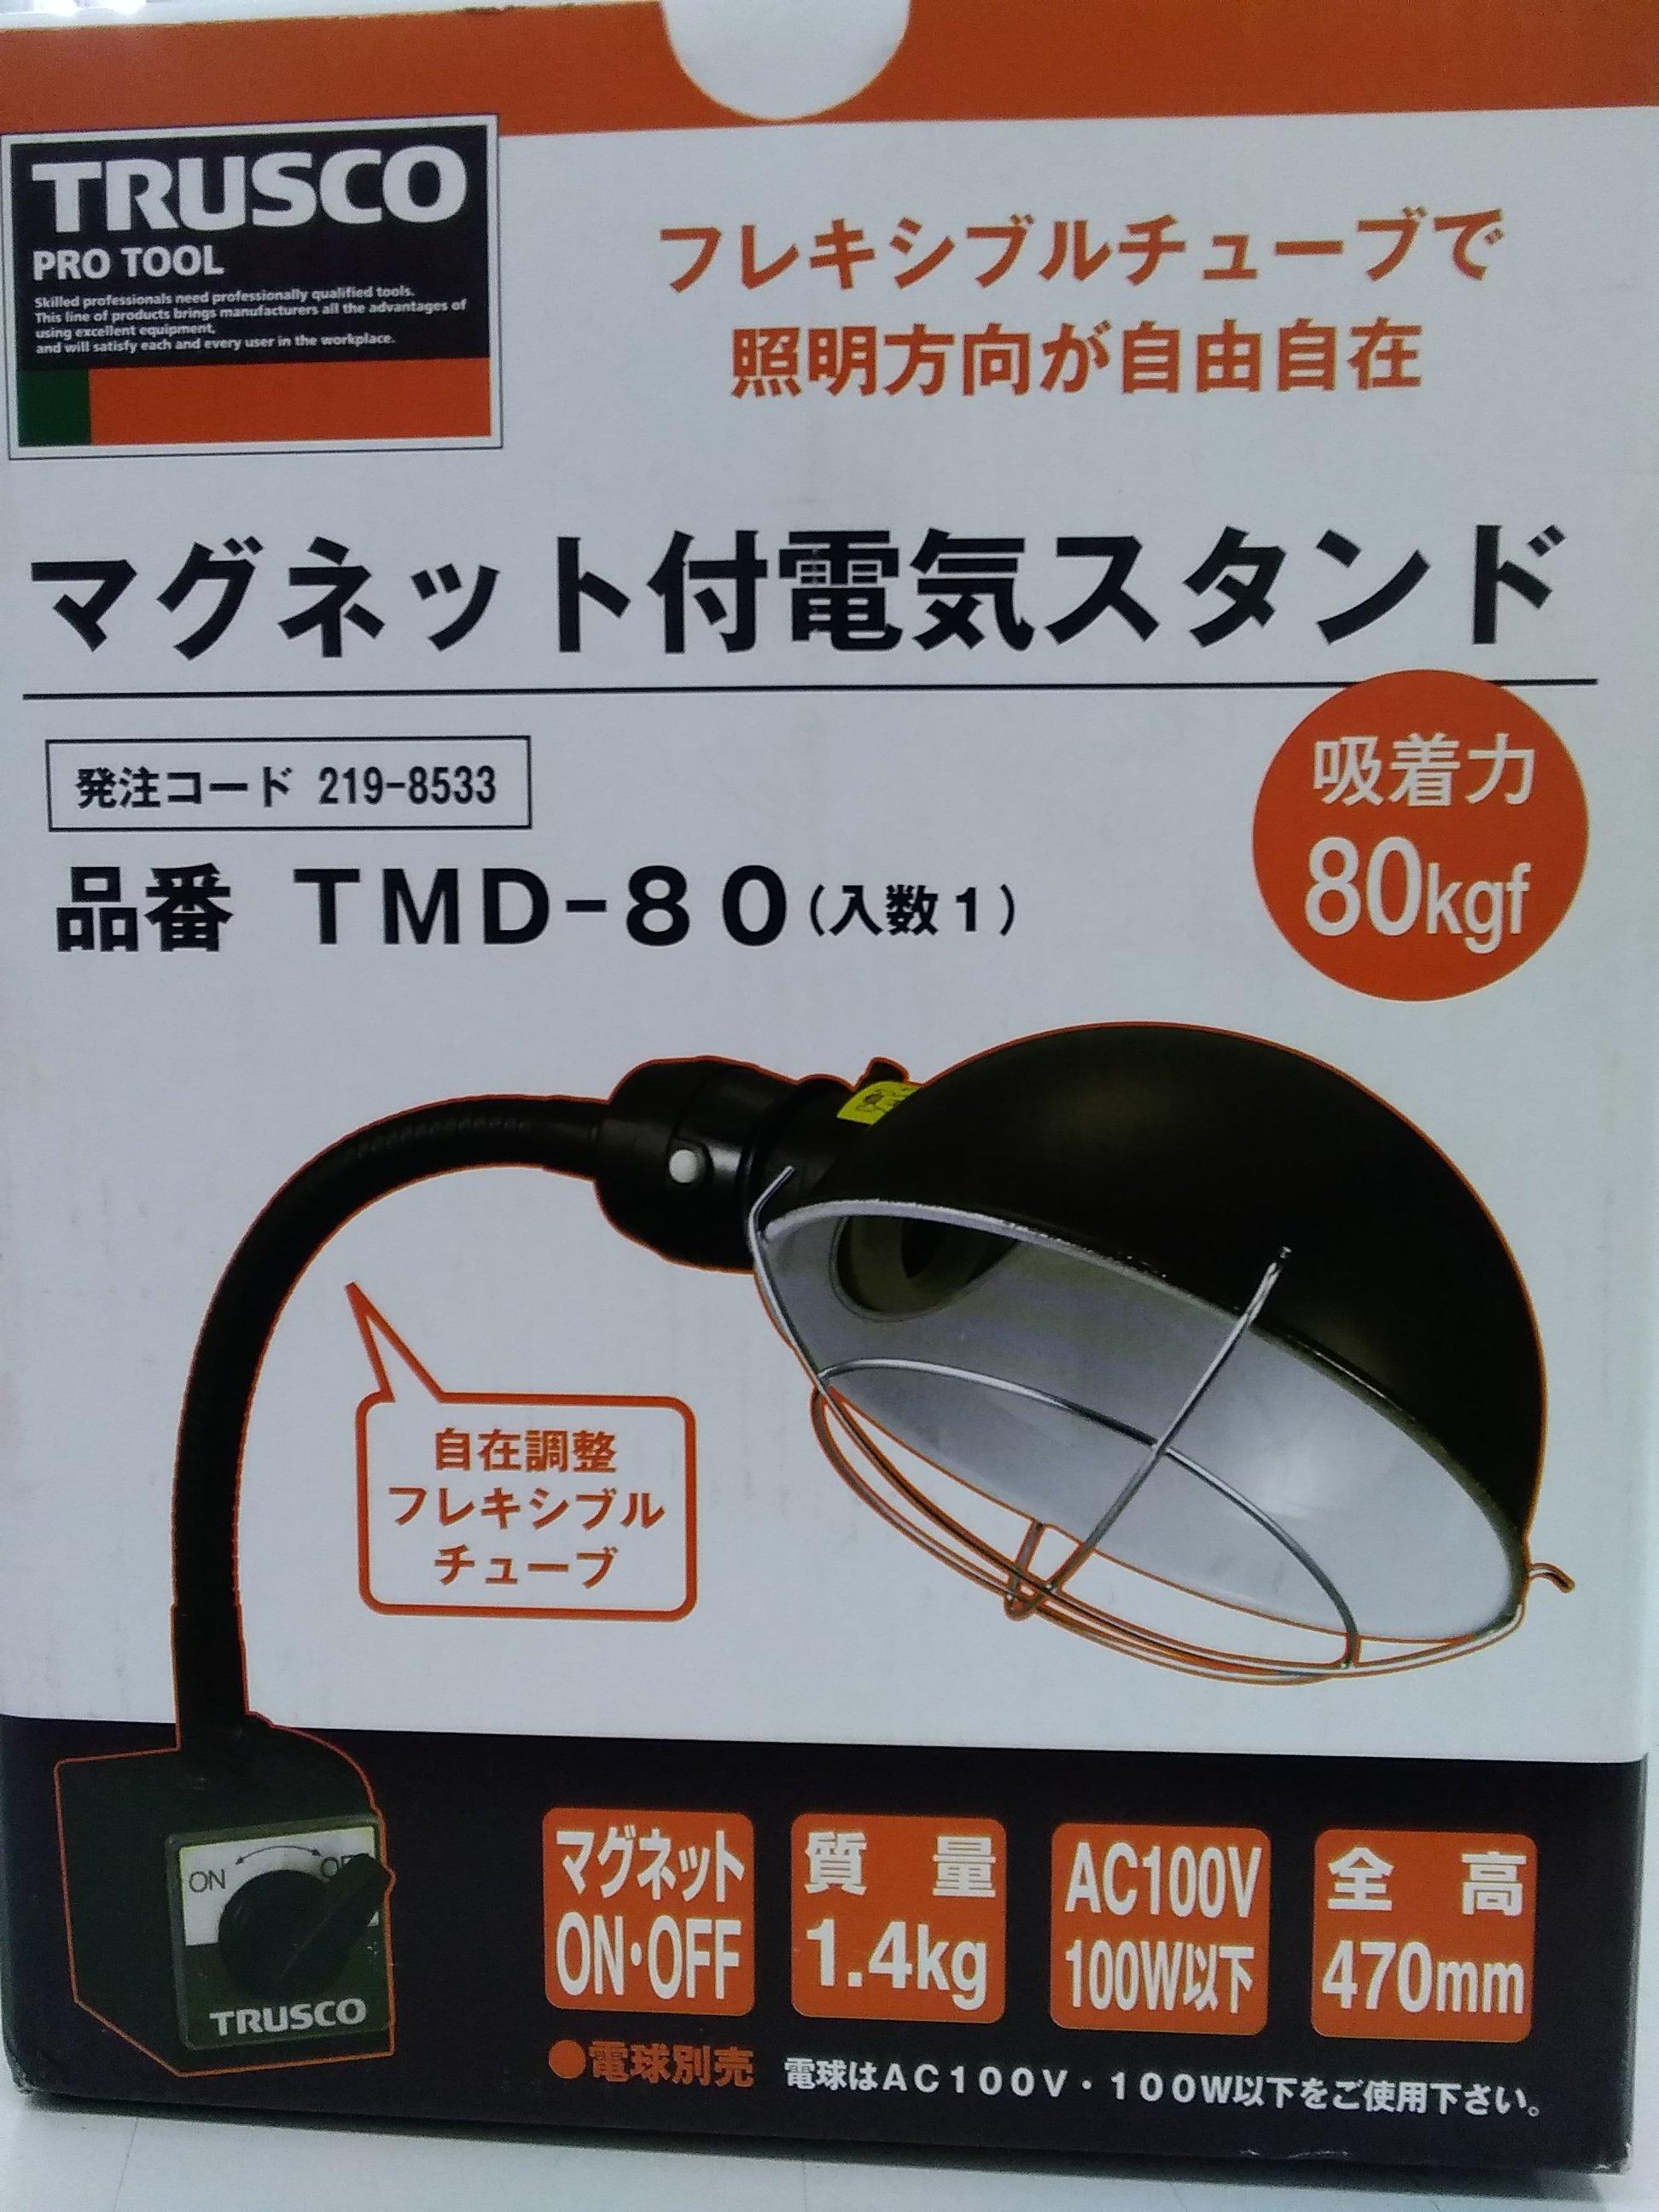 マグネット付電気スタンド|TRUSCO